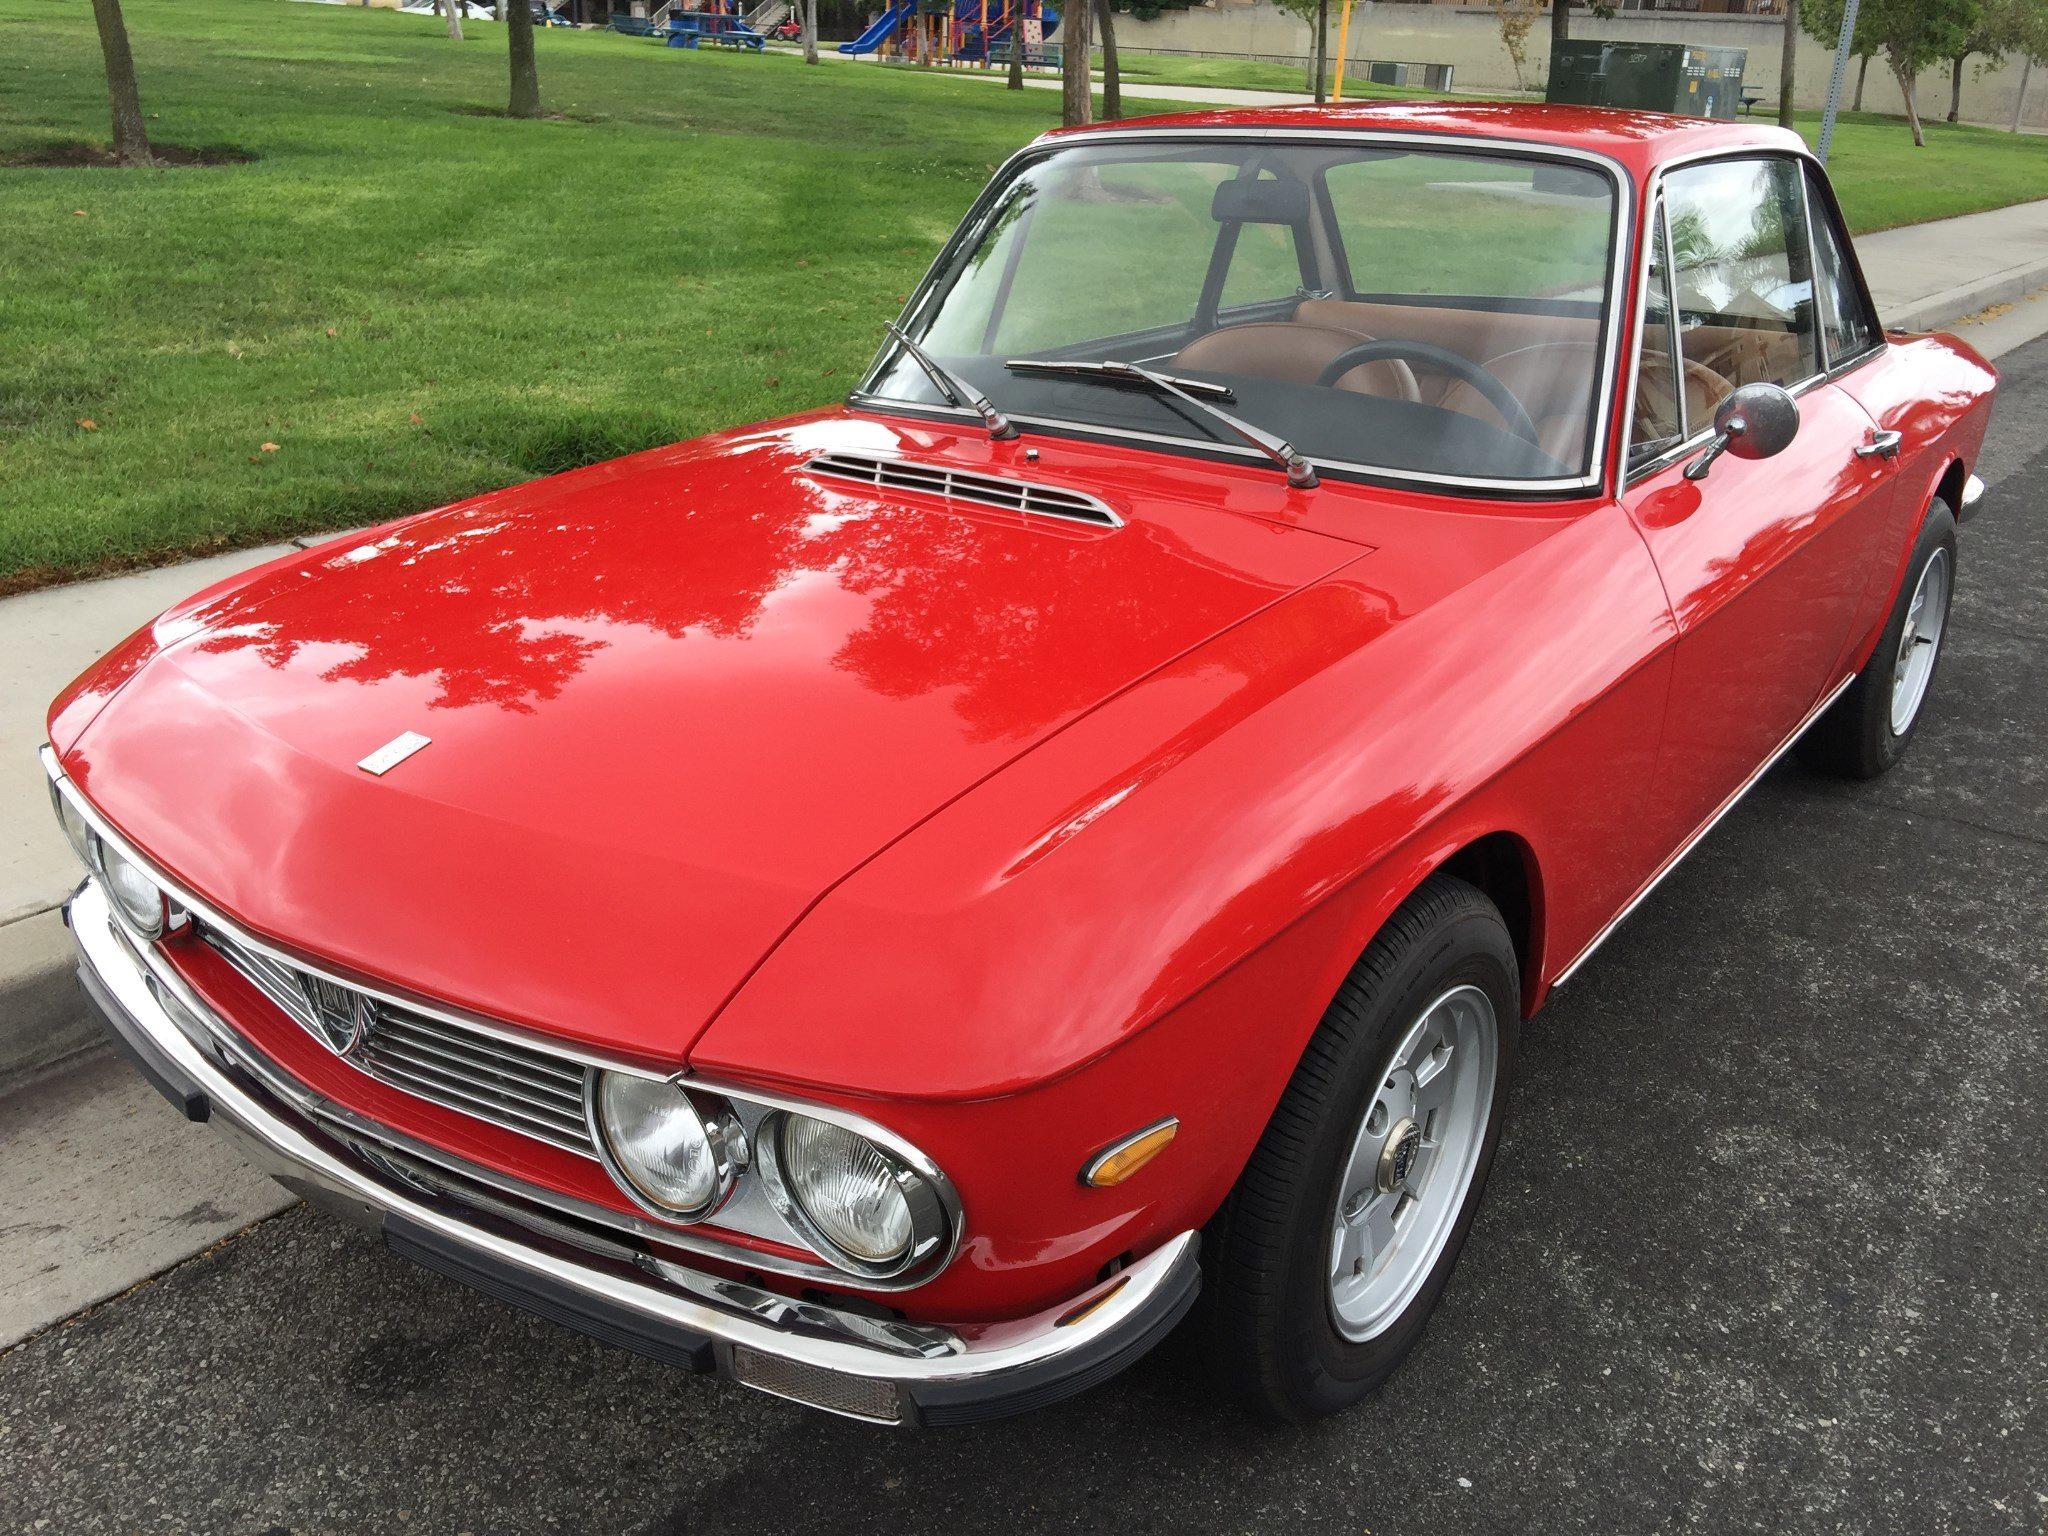 Lancia-Fulvia-Coupe-1-3-S-1